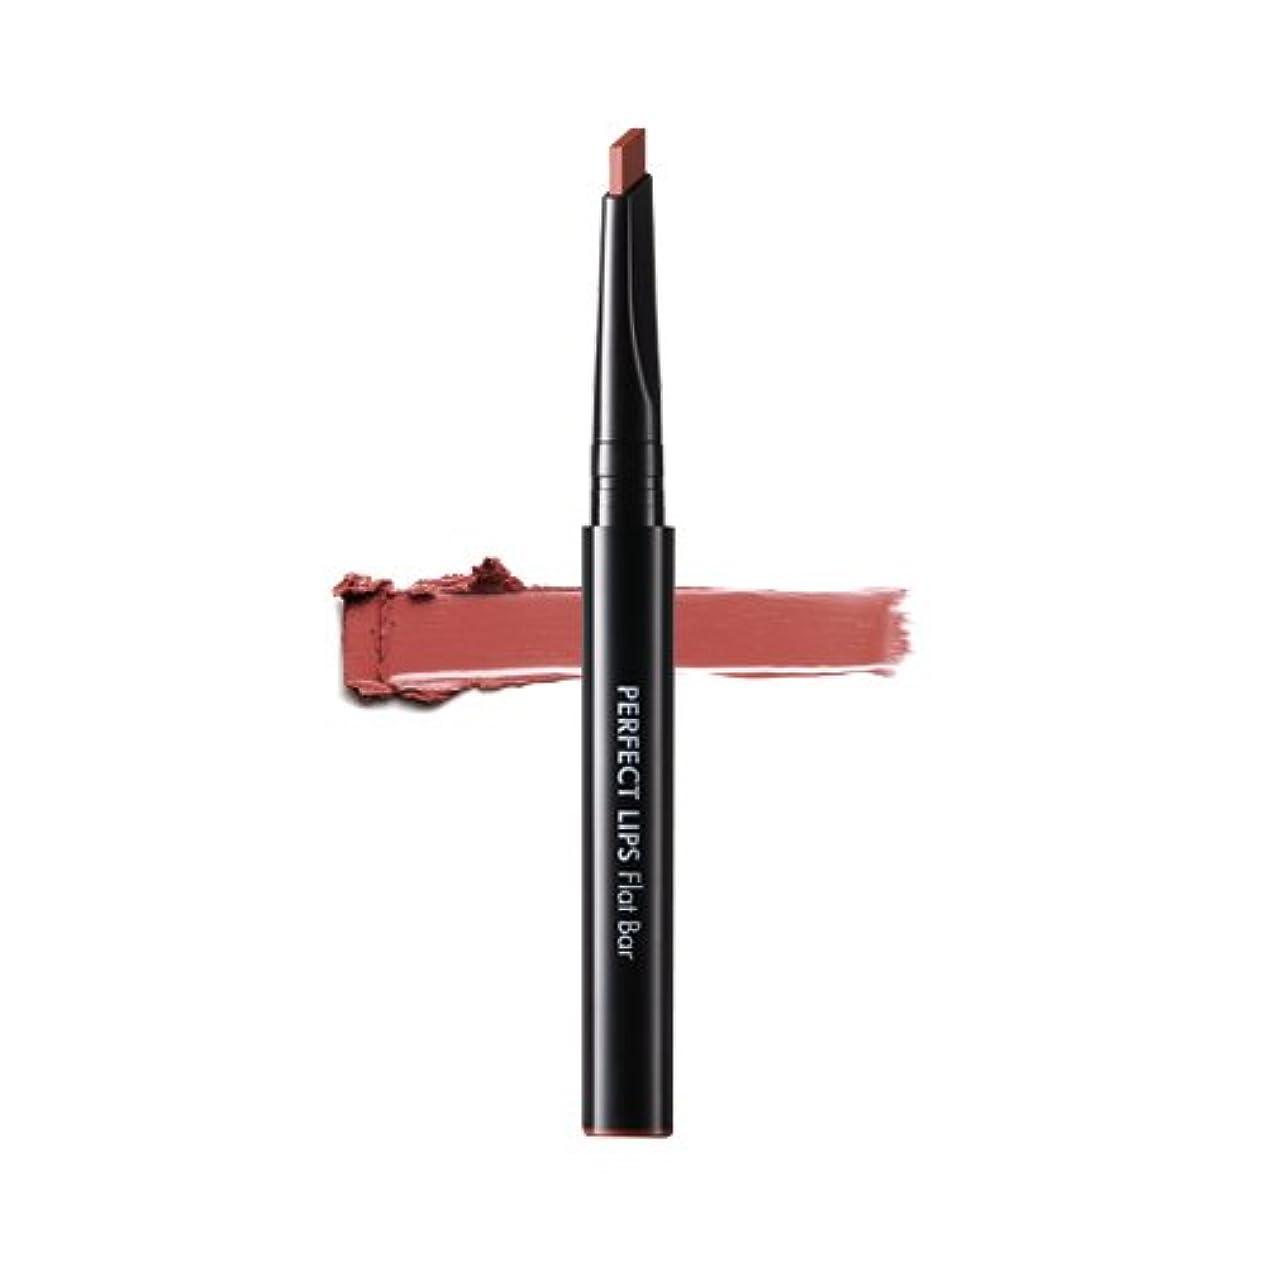 森林密奨励します[New] TONYMOLY Perfect Lips Flat Bar 0.3g/トニーモリー パーフェクト リップス フラット バー 0.3g (#08 Antique Brown) [並行輸入品]